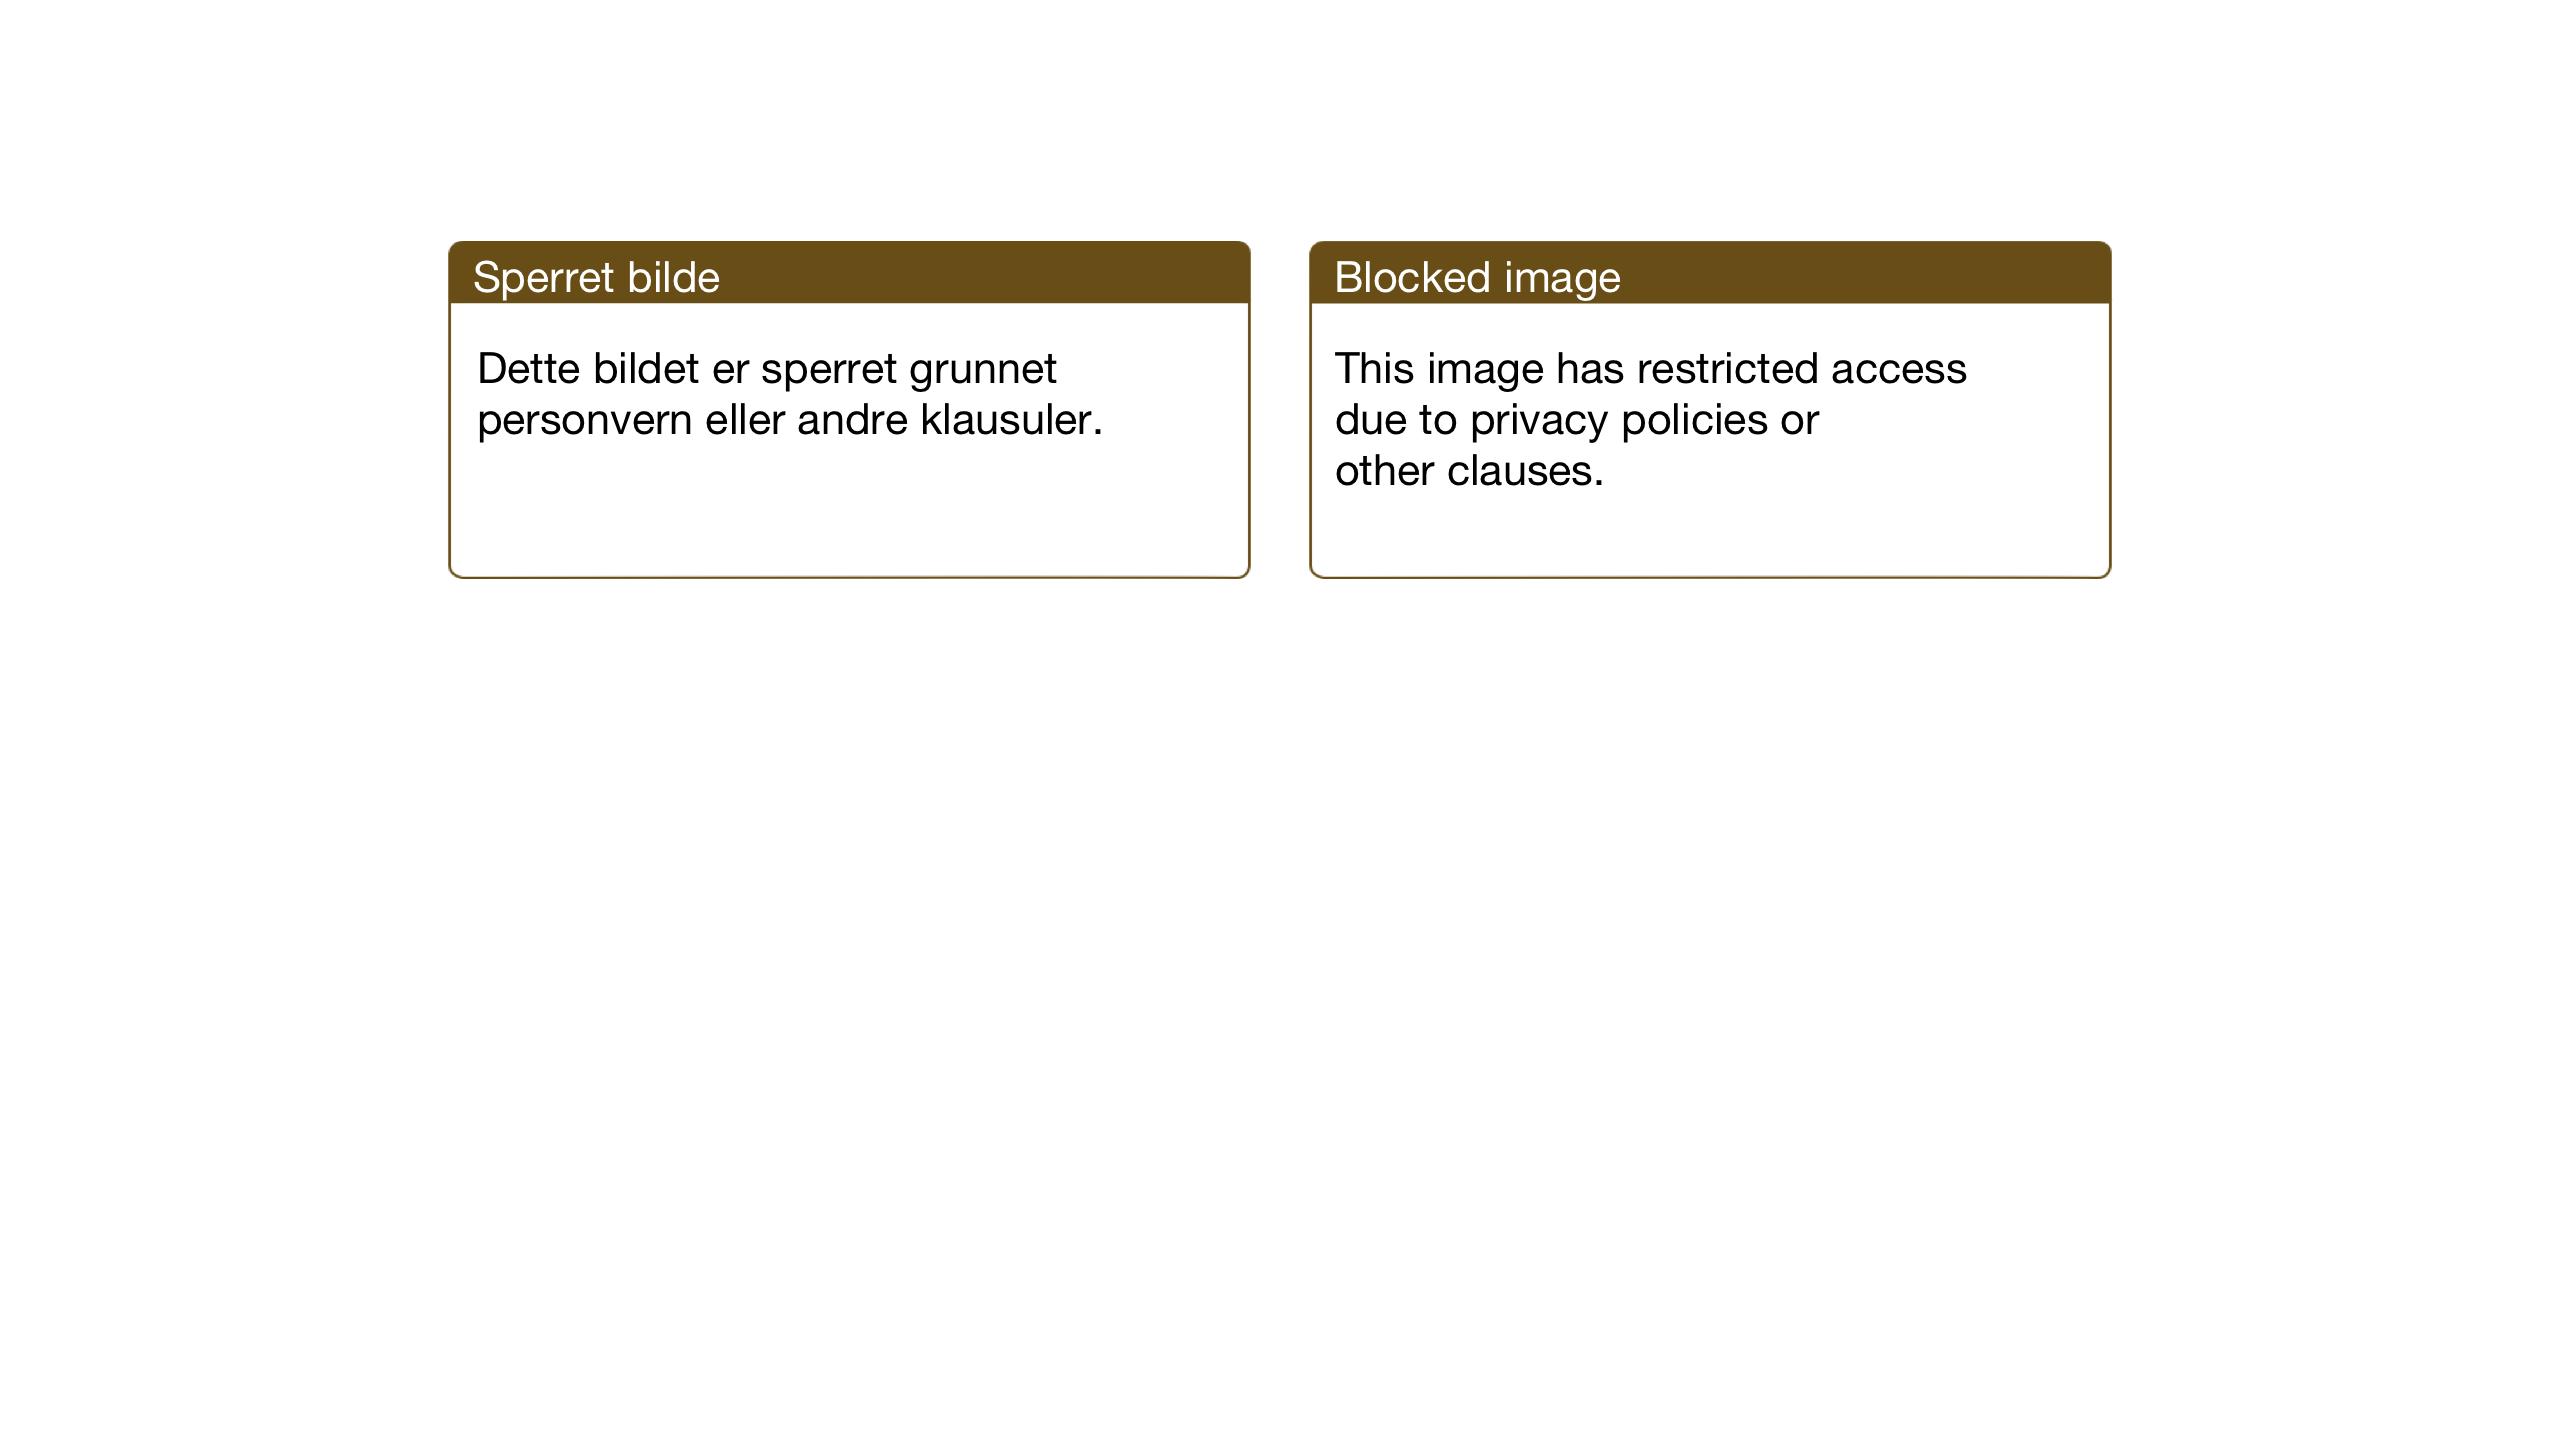 SAT, Ministerialprotokoller, klokkerbøker og fødselsregistre - Nord-Trøndelag, 733/L0328: Klokkerbok nr. 733C03, 1919-1966, s. 49